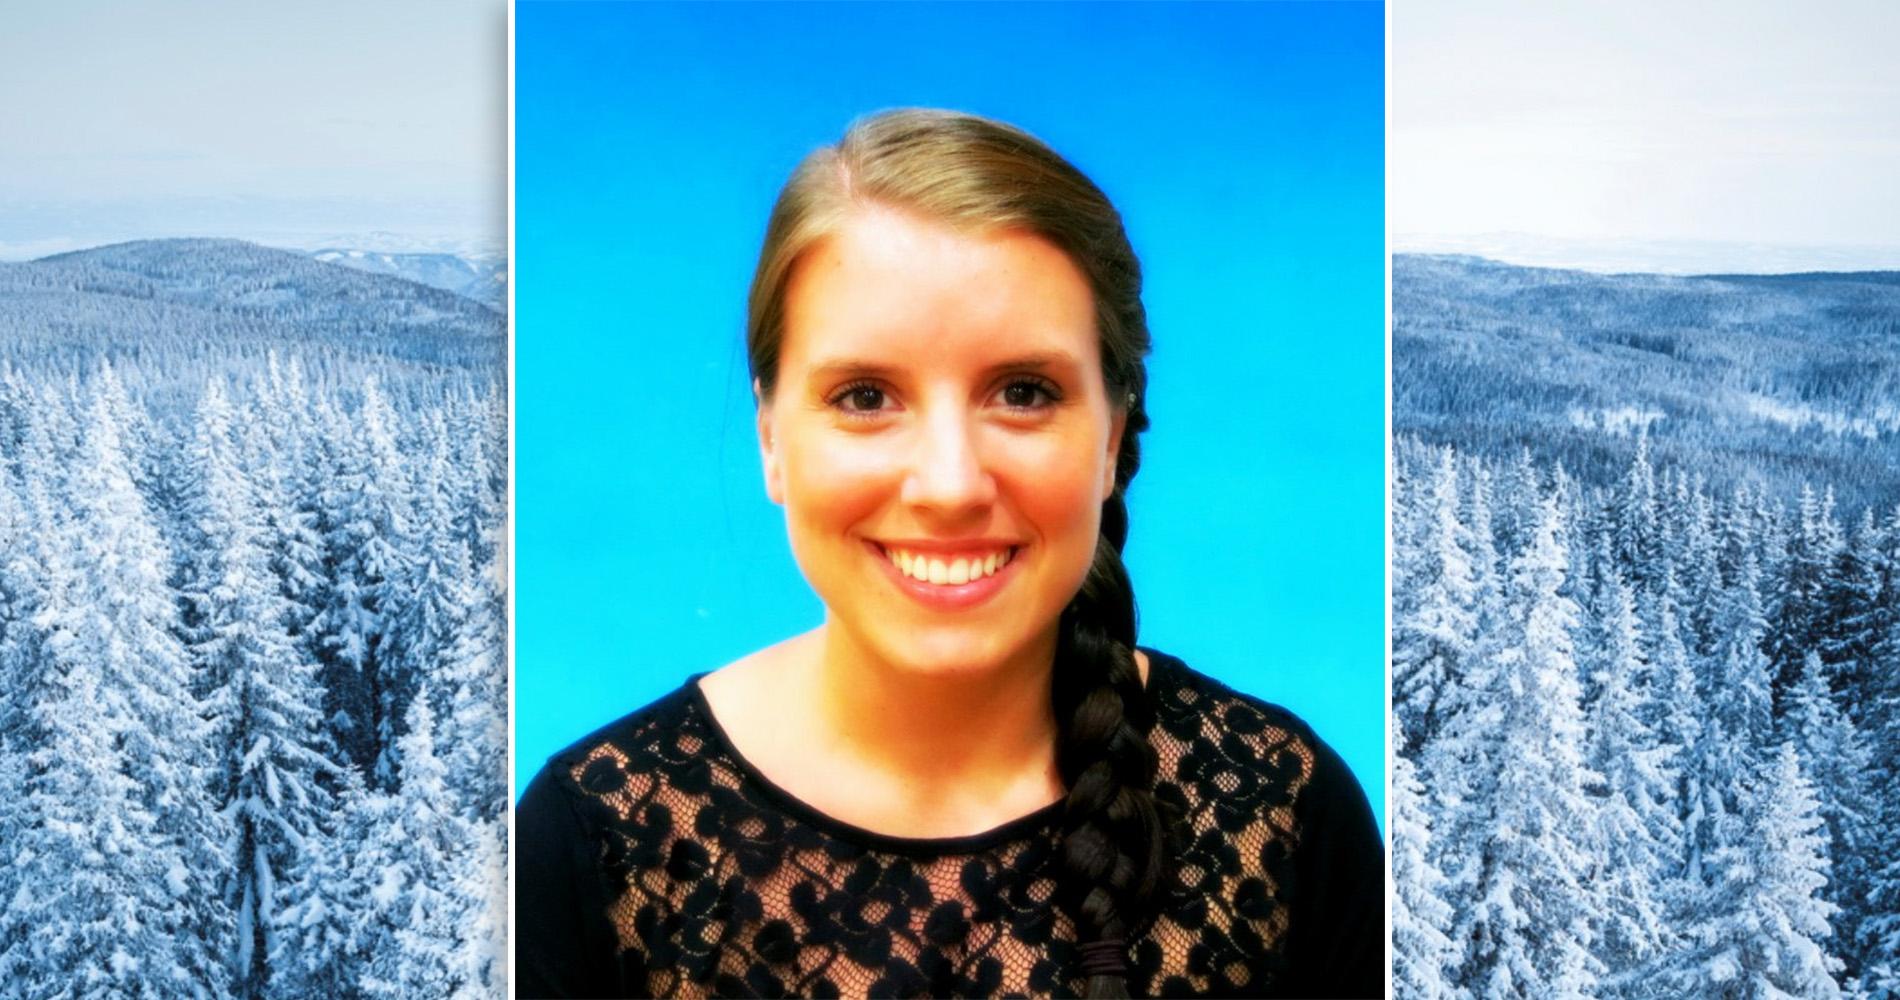 Stella Kaffke, volontär på Special Olympics Sweden Invitational Games 2020. Foto: Privat